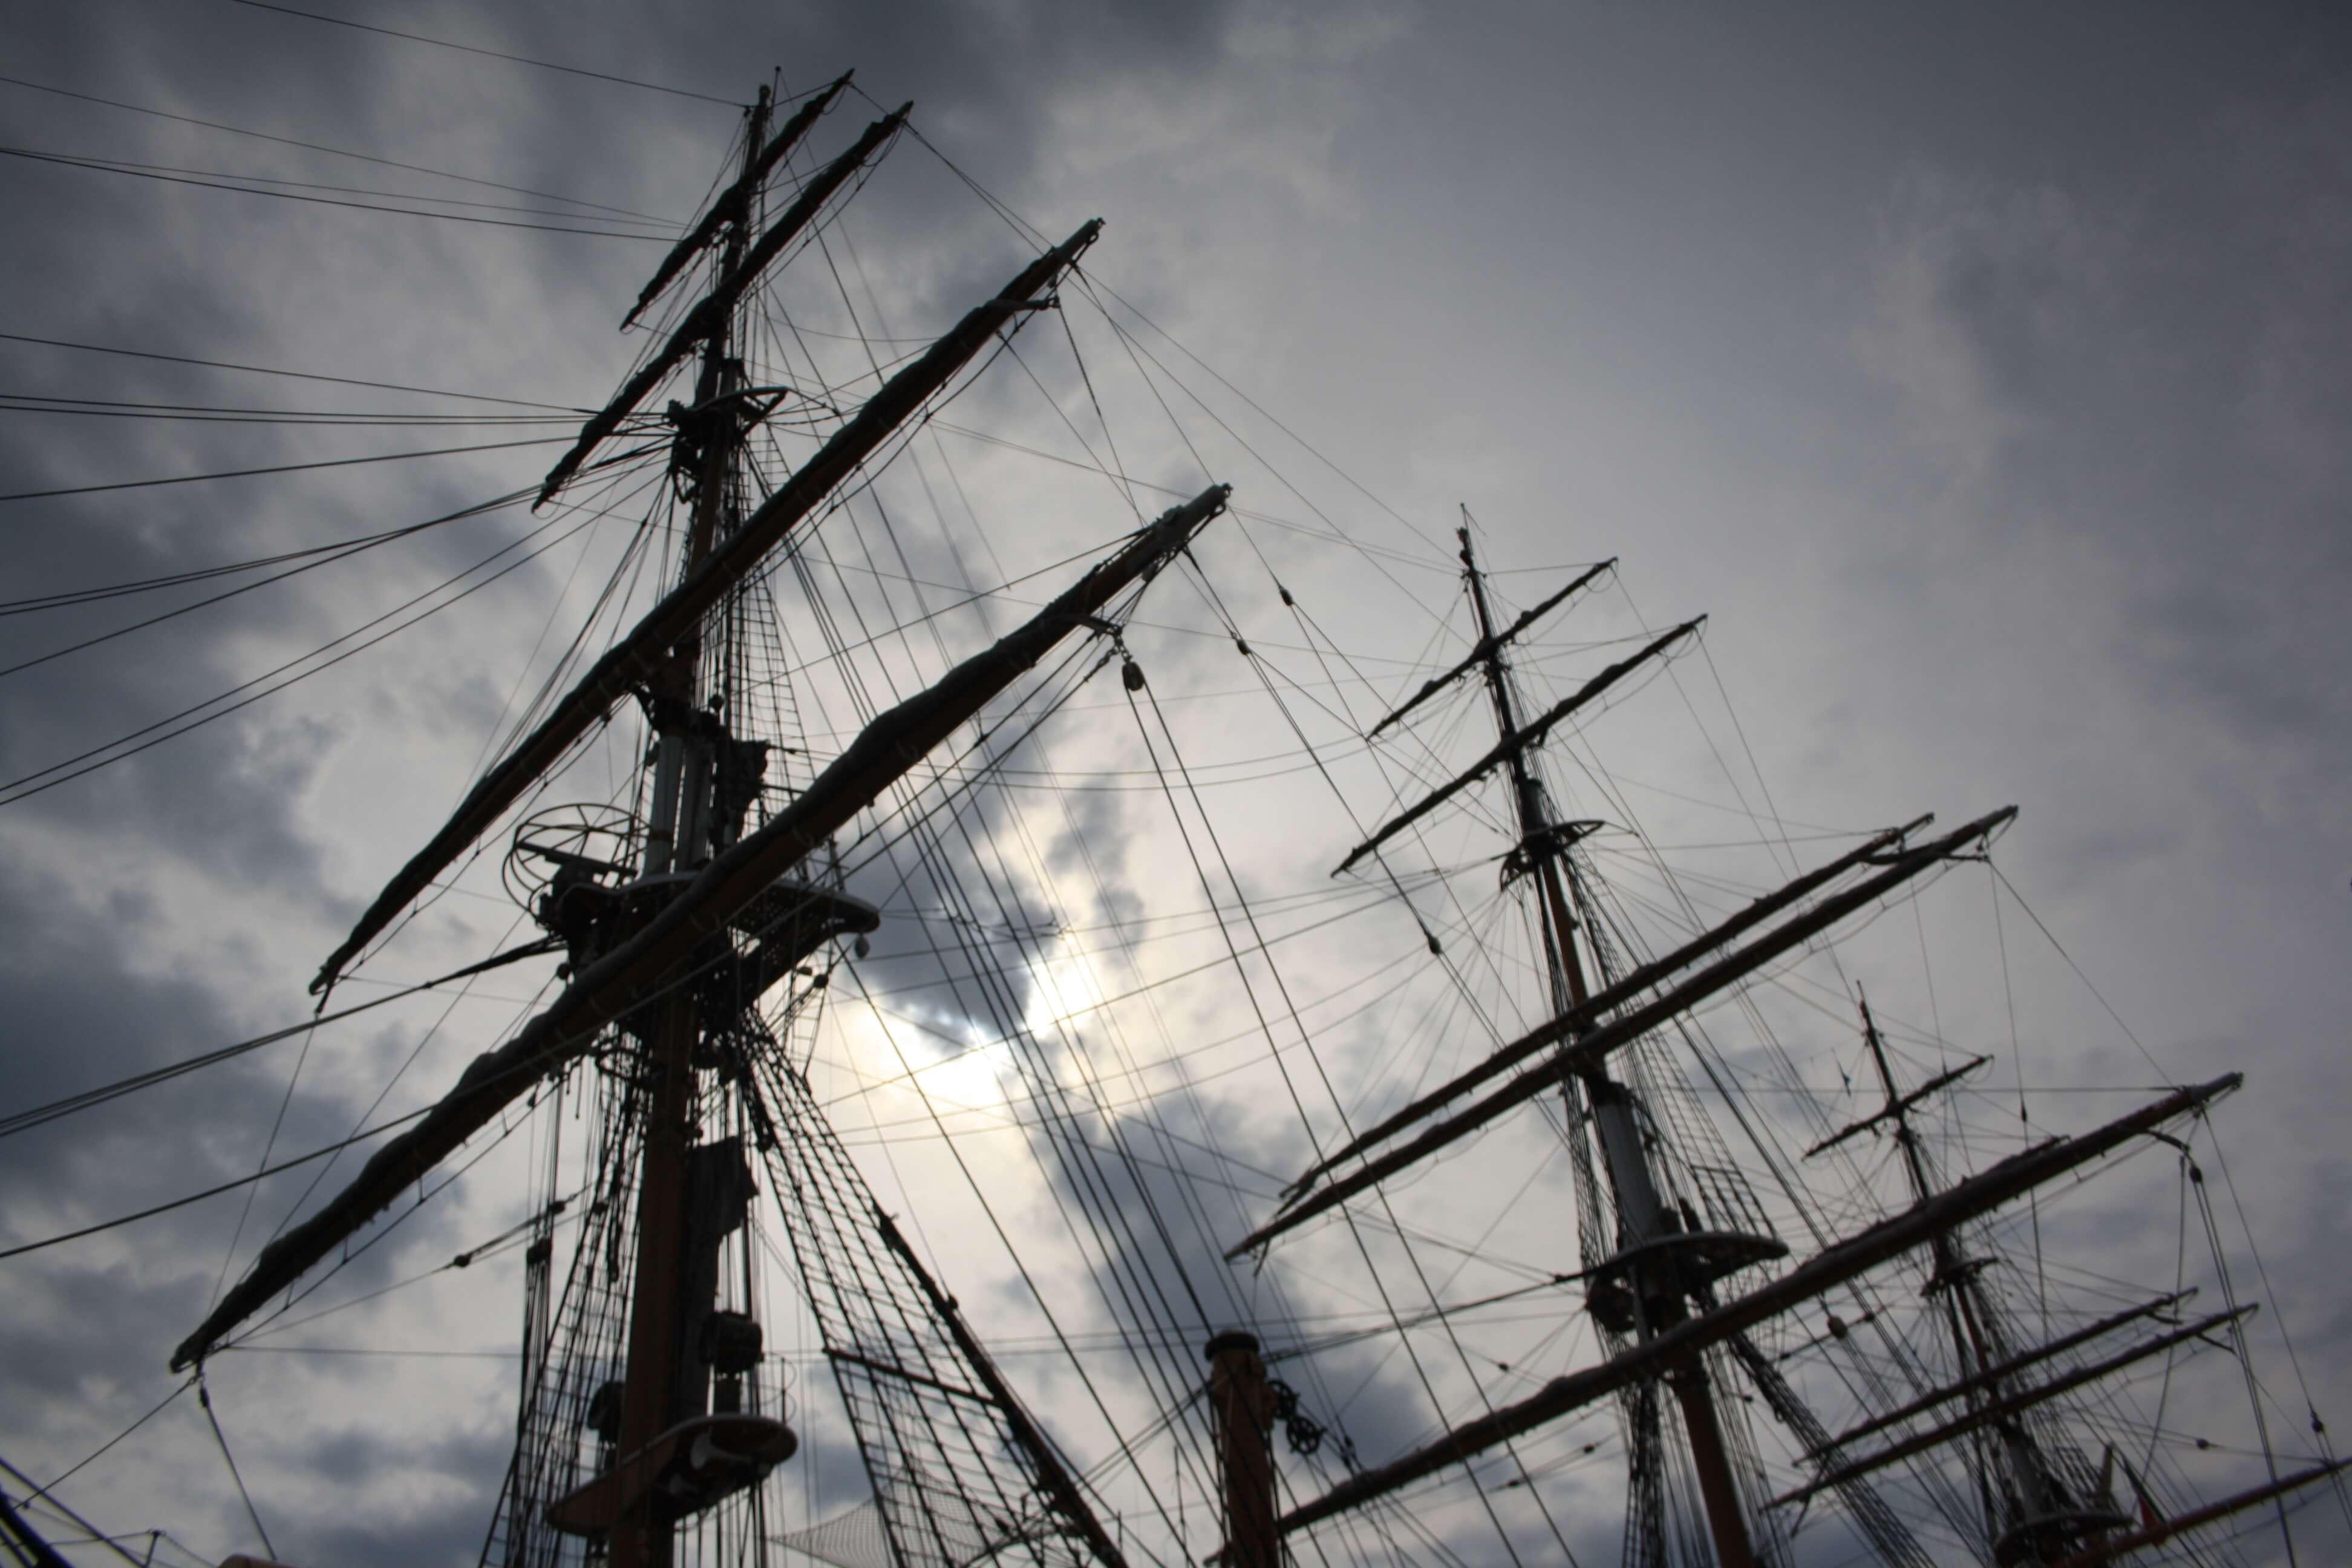 Titolo Autore Categorie Tag Commenti Data Seleziona Come visitare l'Amerigo Vespucci Come visitare l'Amerigo Vespucci